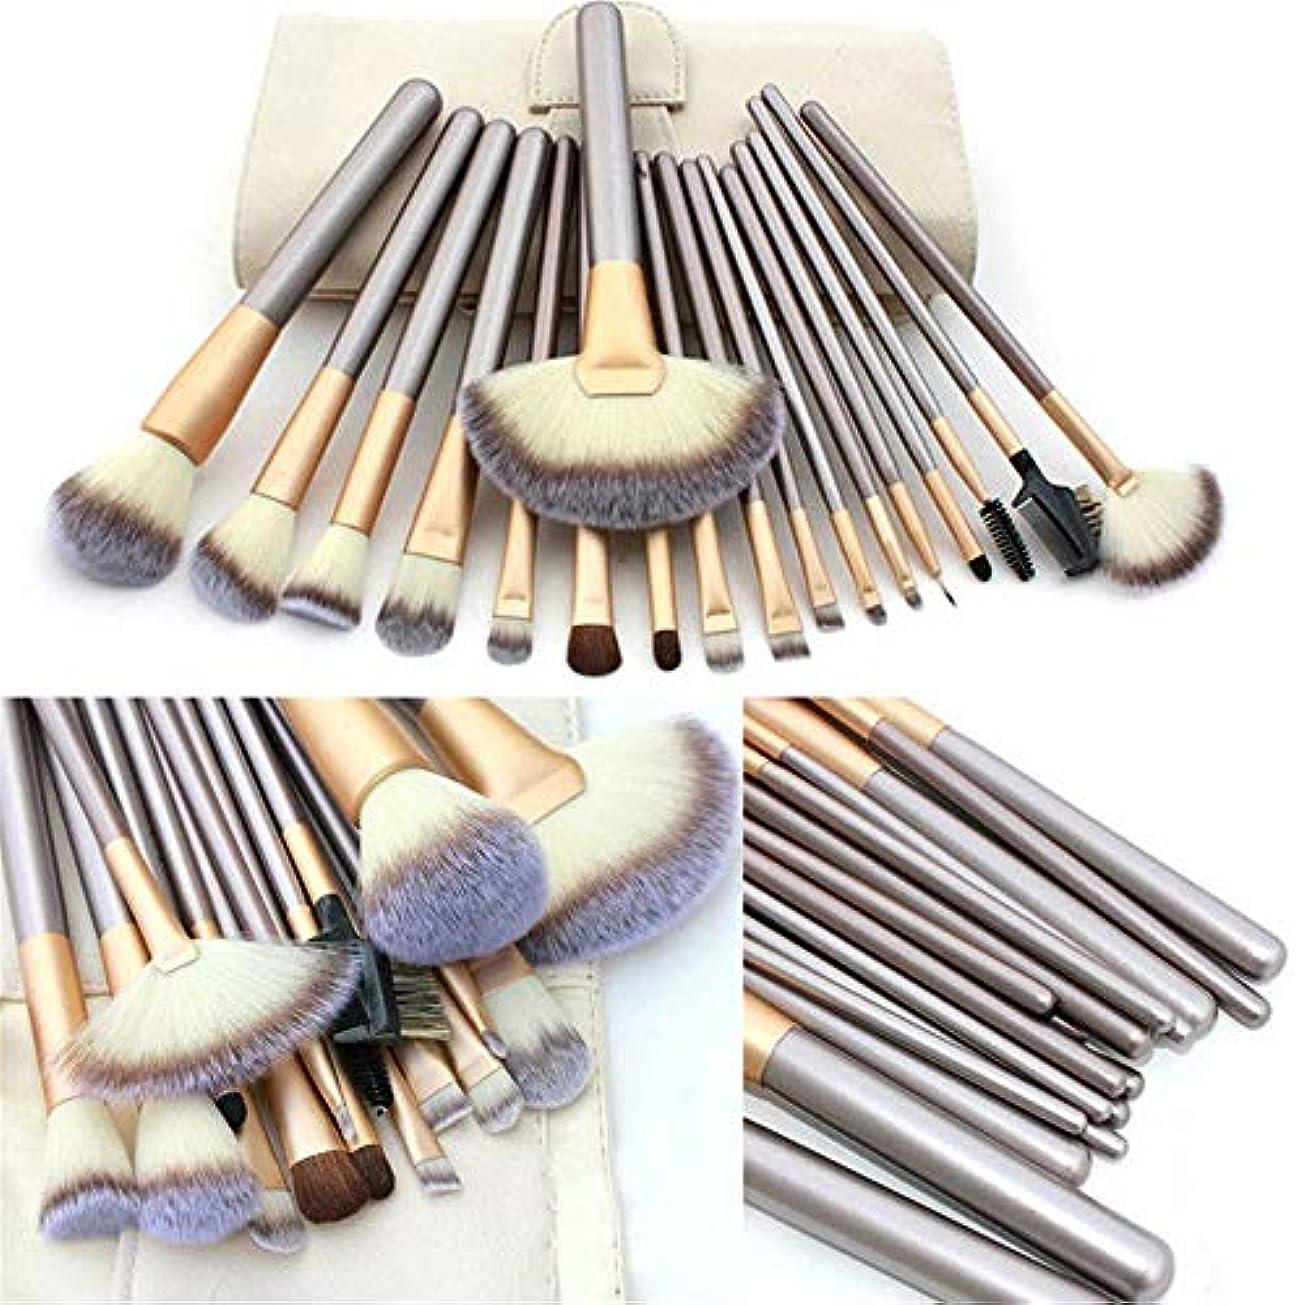 インタラクション近代化するお茶Makeup brushes ナイロンヘア、PUレザーエクリュメイクアップブラシセットポーチ、18個プロフェッショナルメイクアップブラシカウンターシンク suits (Color : Beige)